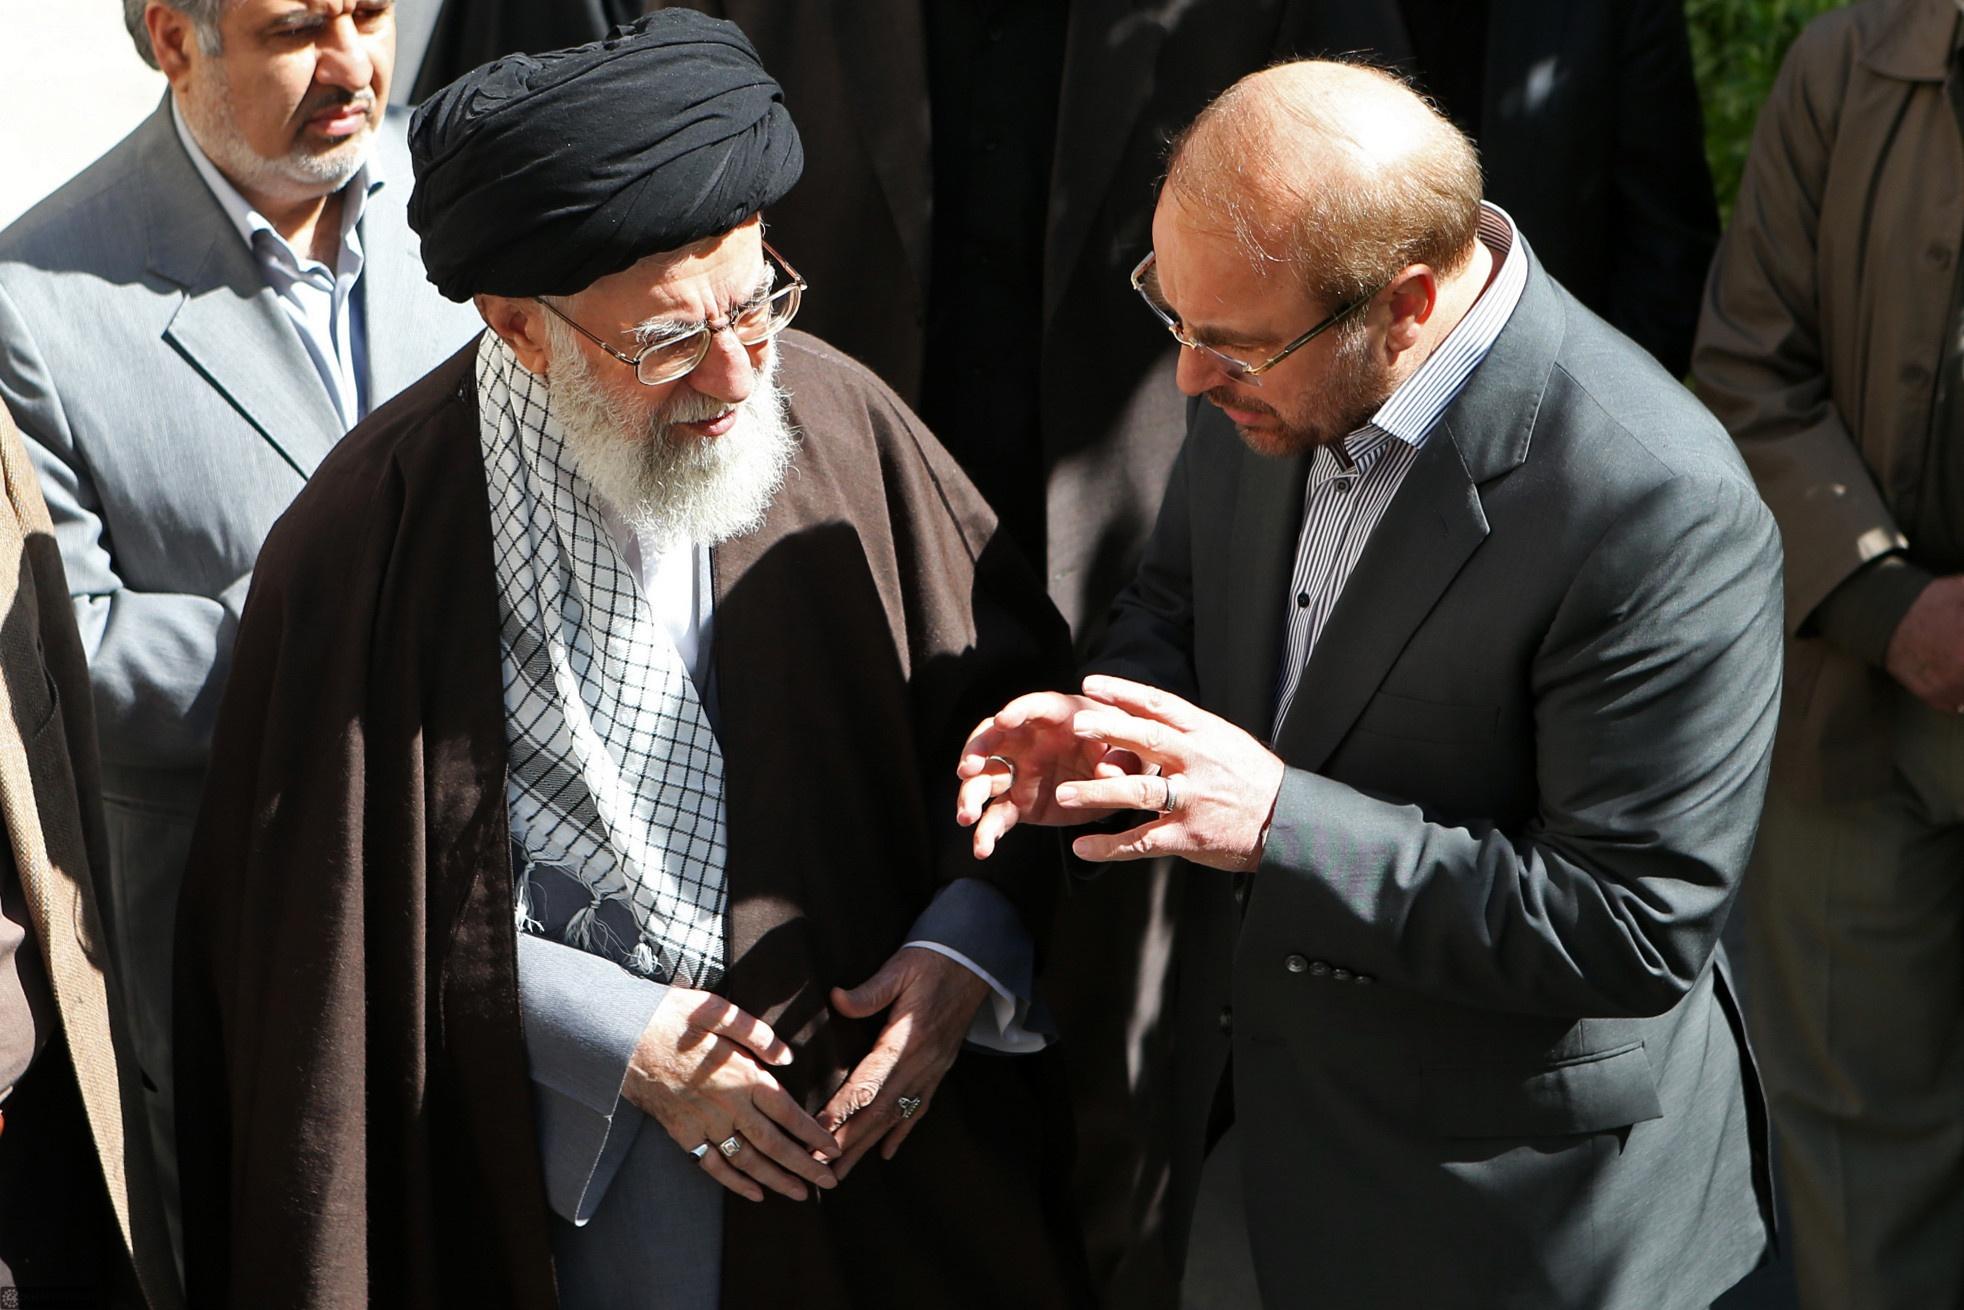 رهبر معظم انقلاب اسلامی یک اصله نهال غرس کردند